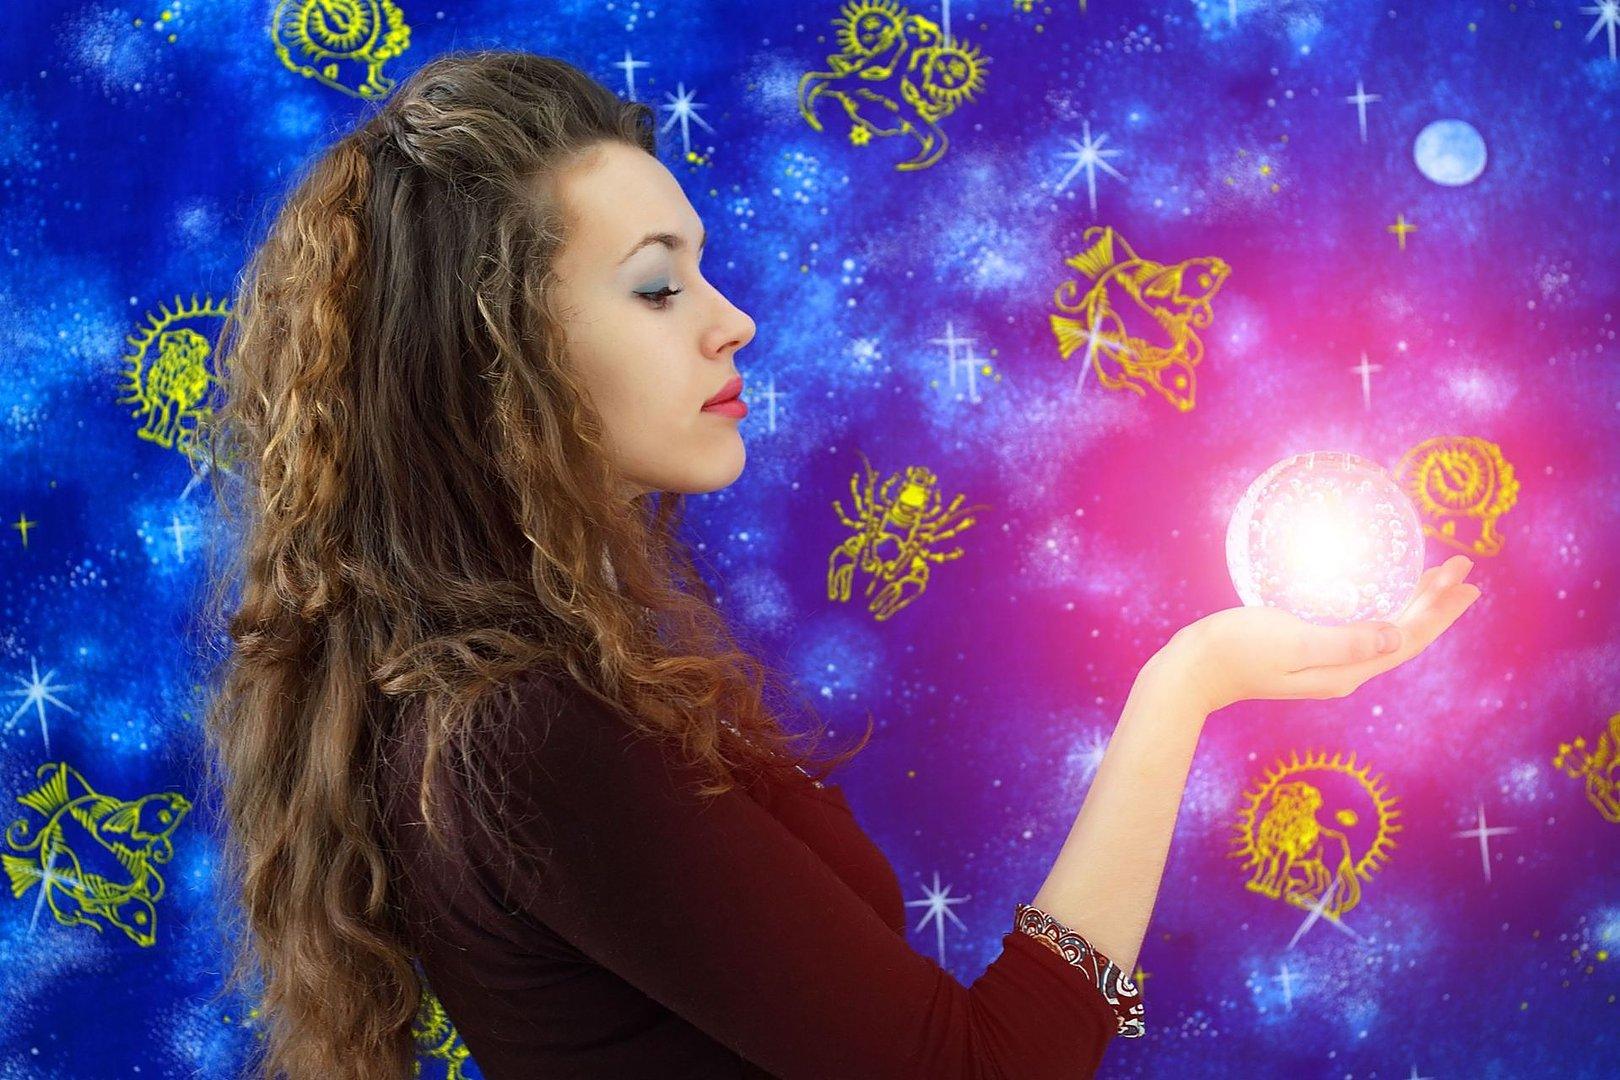 Картинки магического характера представлены